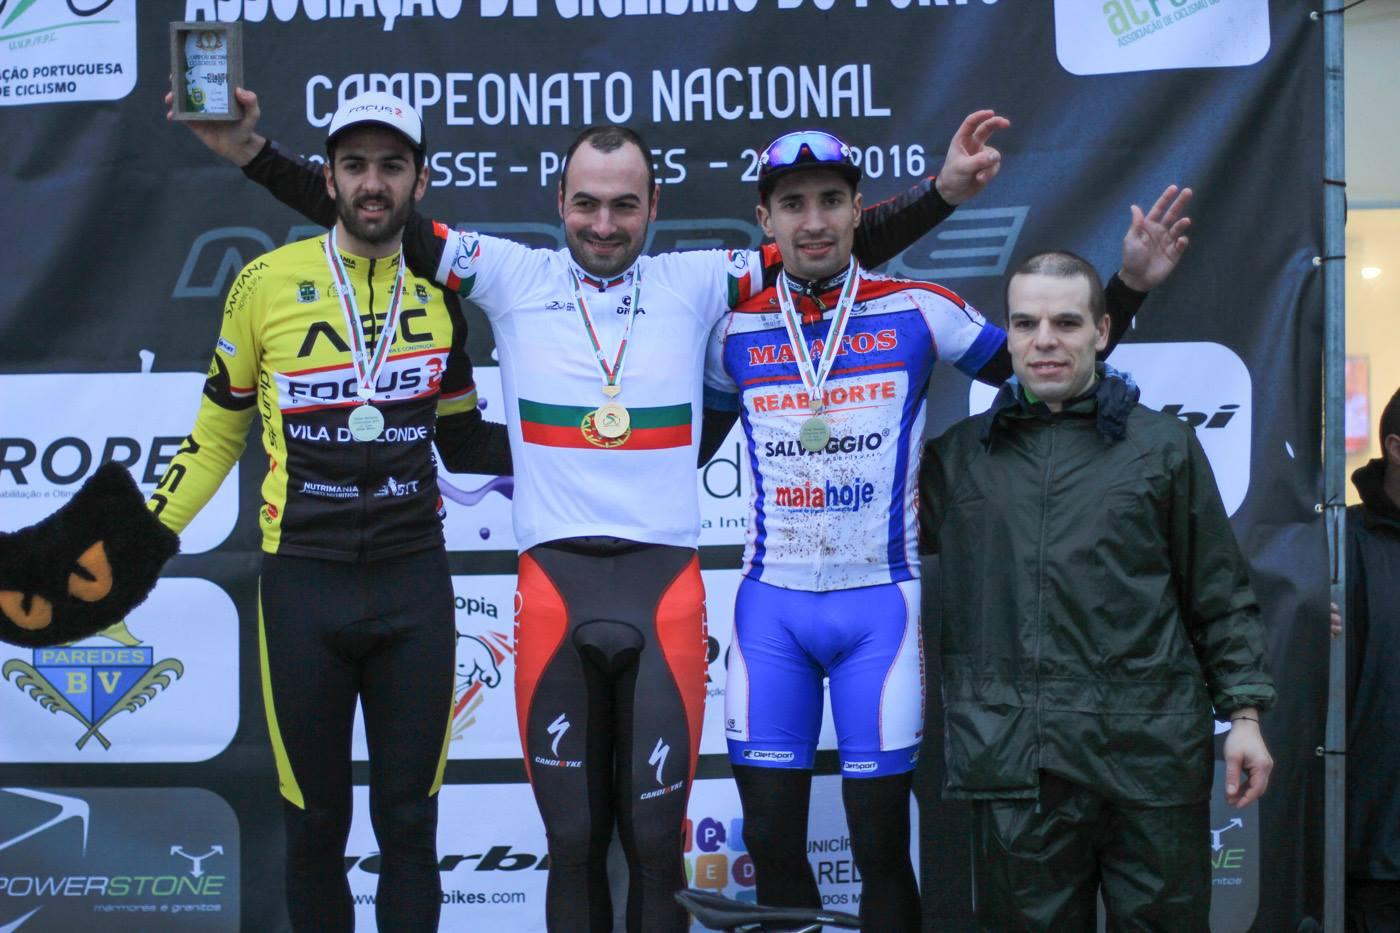 Campeonato Nacional de Ciclocrosse 2015 2016 masculino